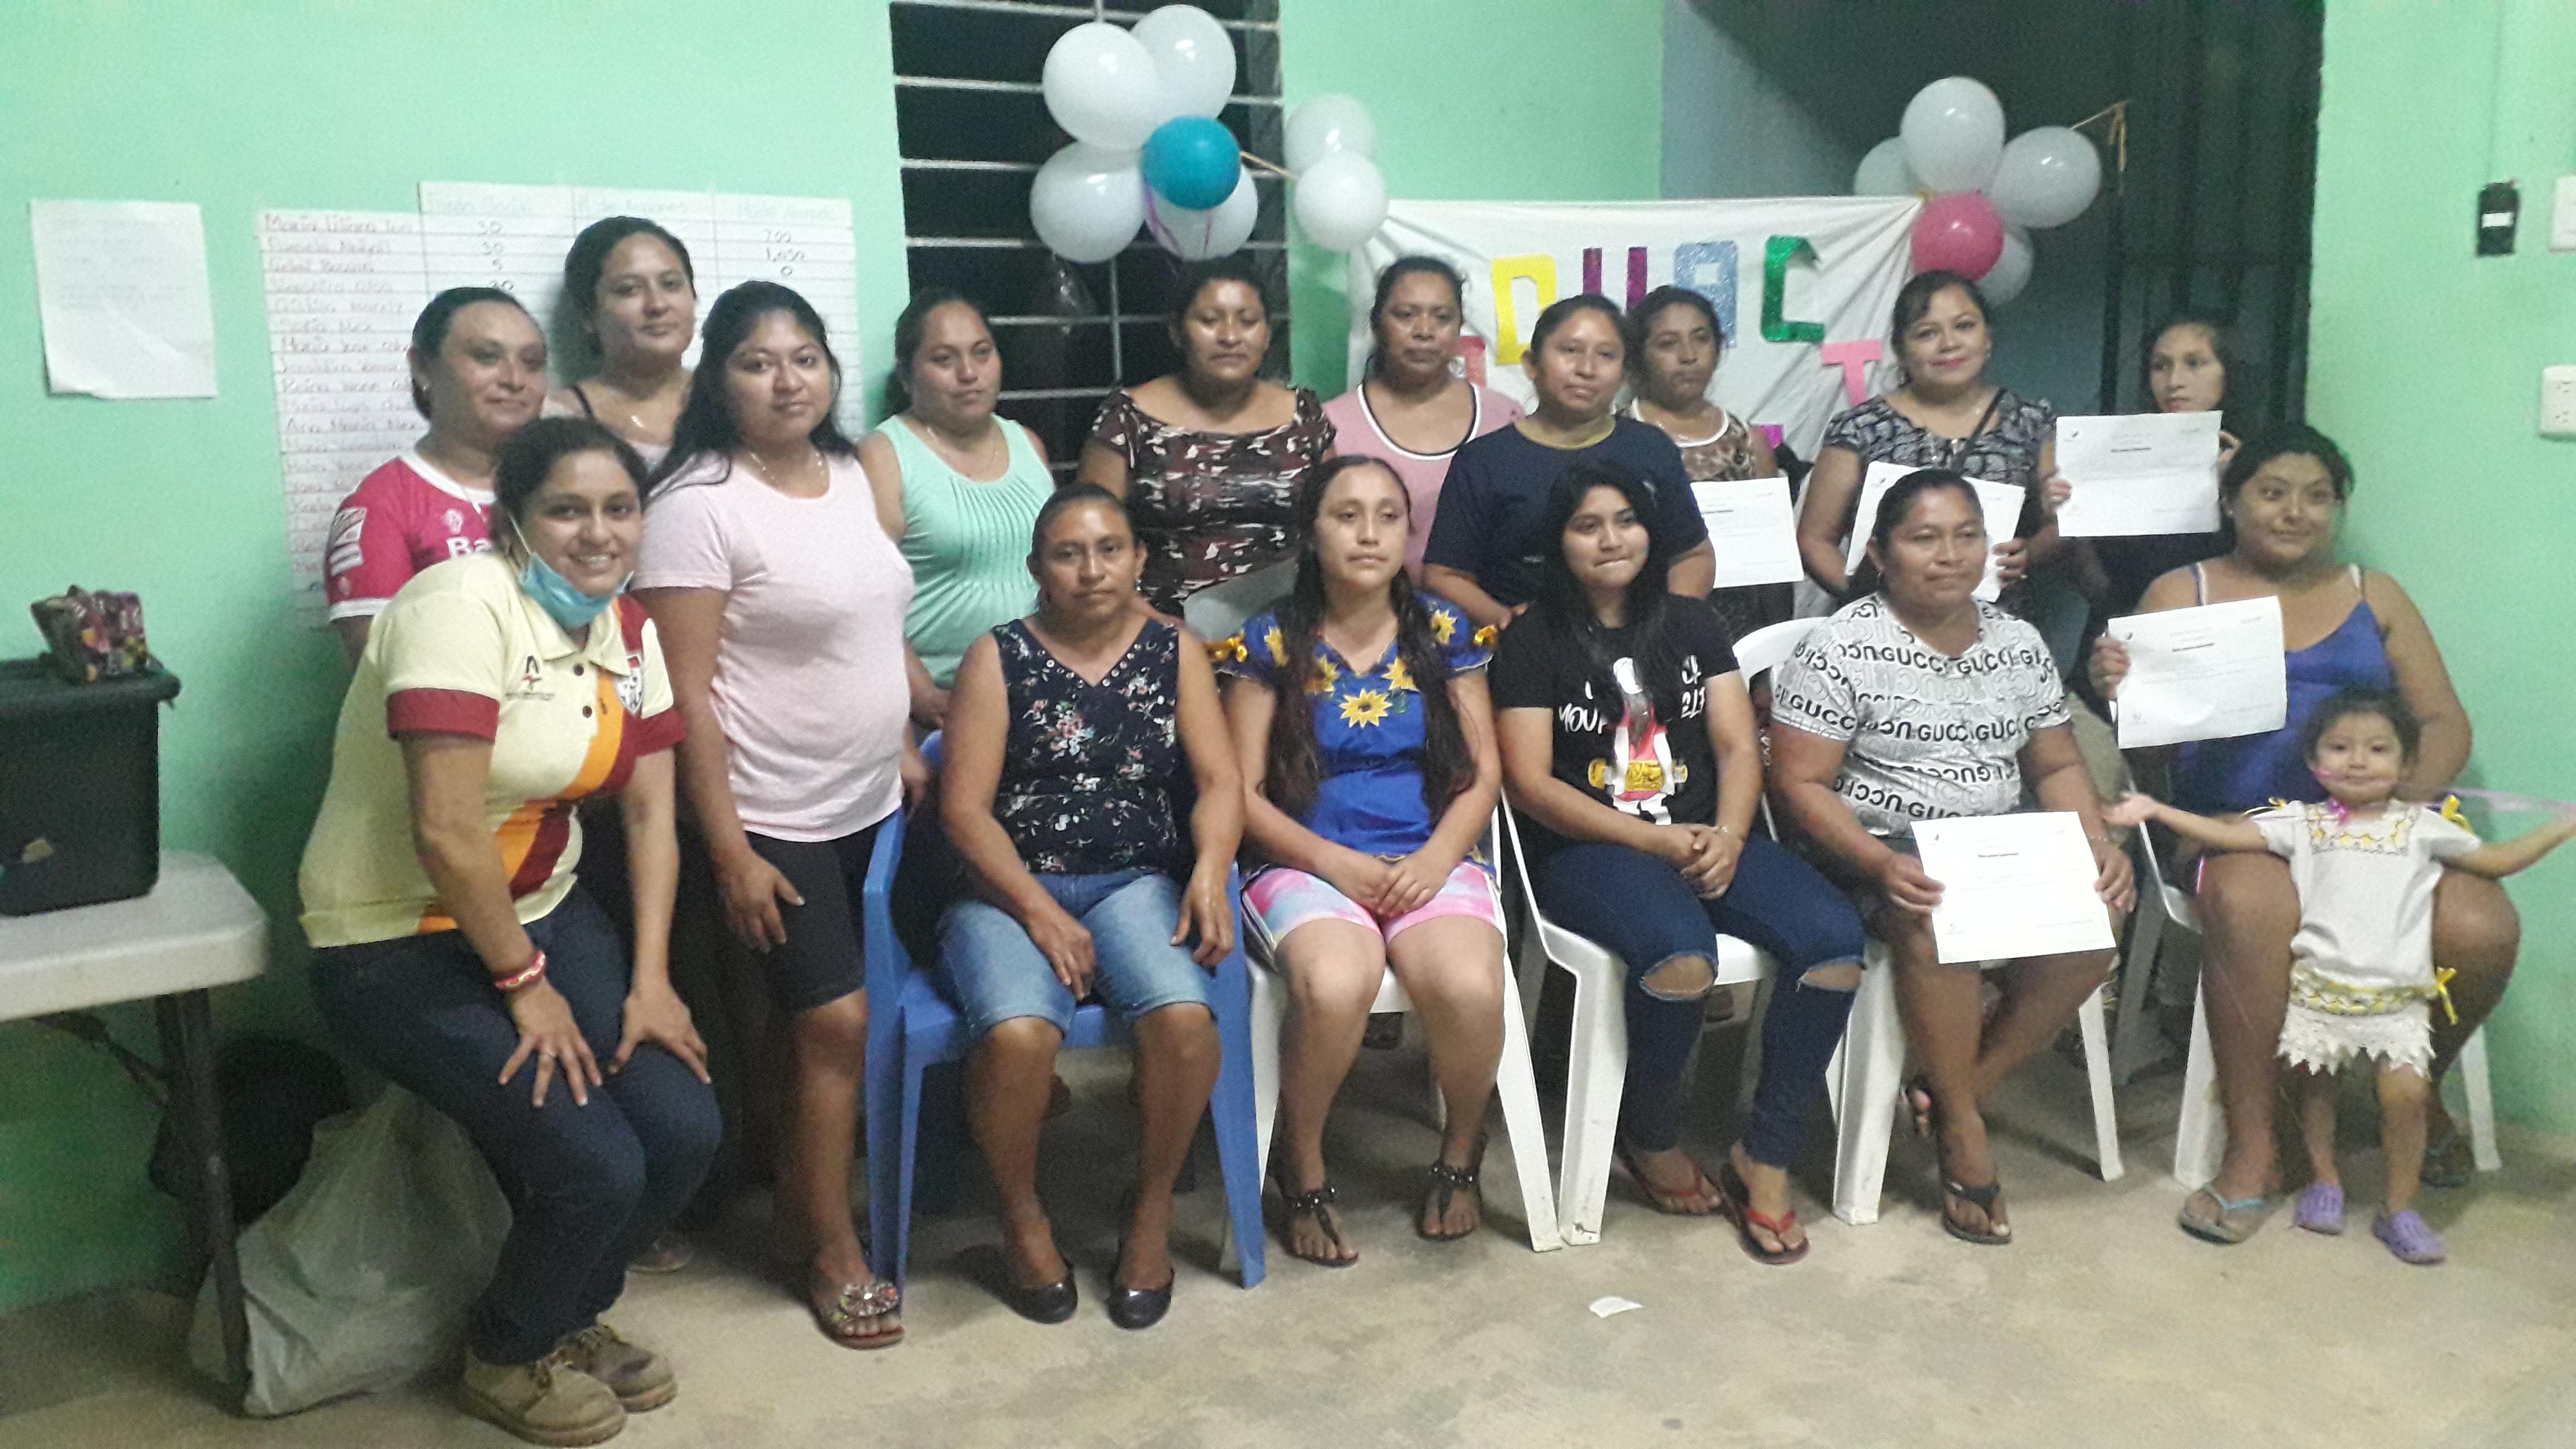 A pesar de la adversidad familias mayas dan un paso fuera de la pobreza extrema